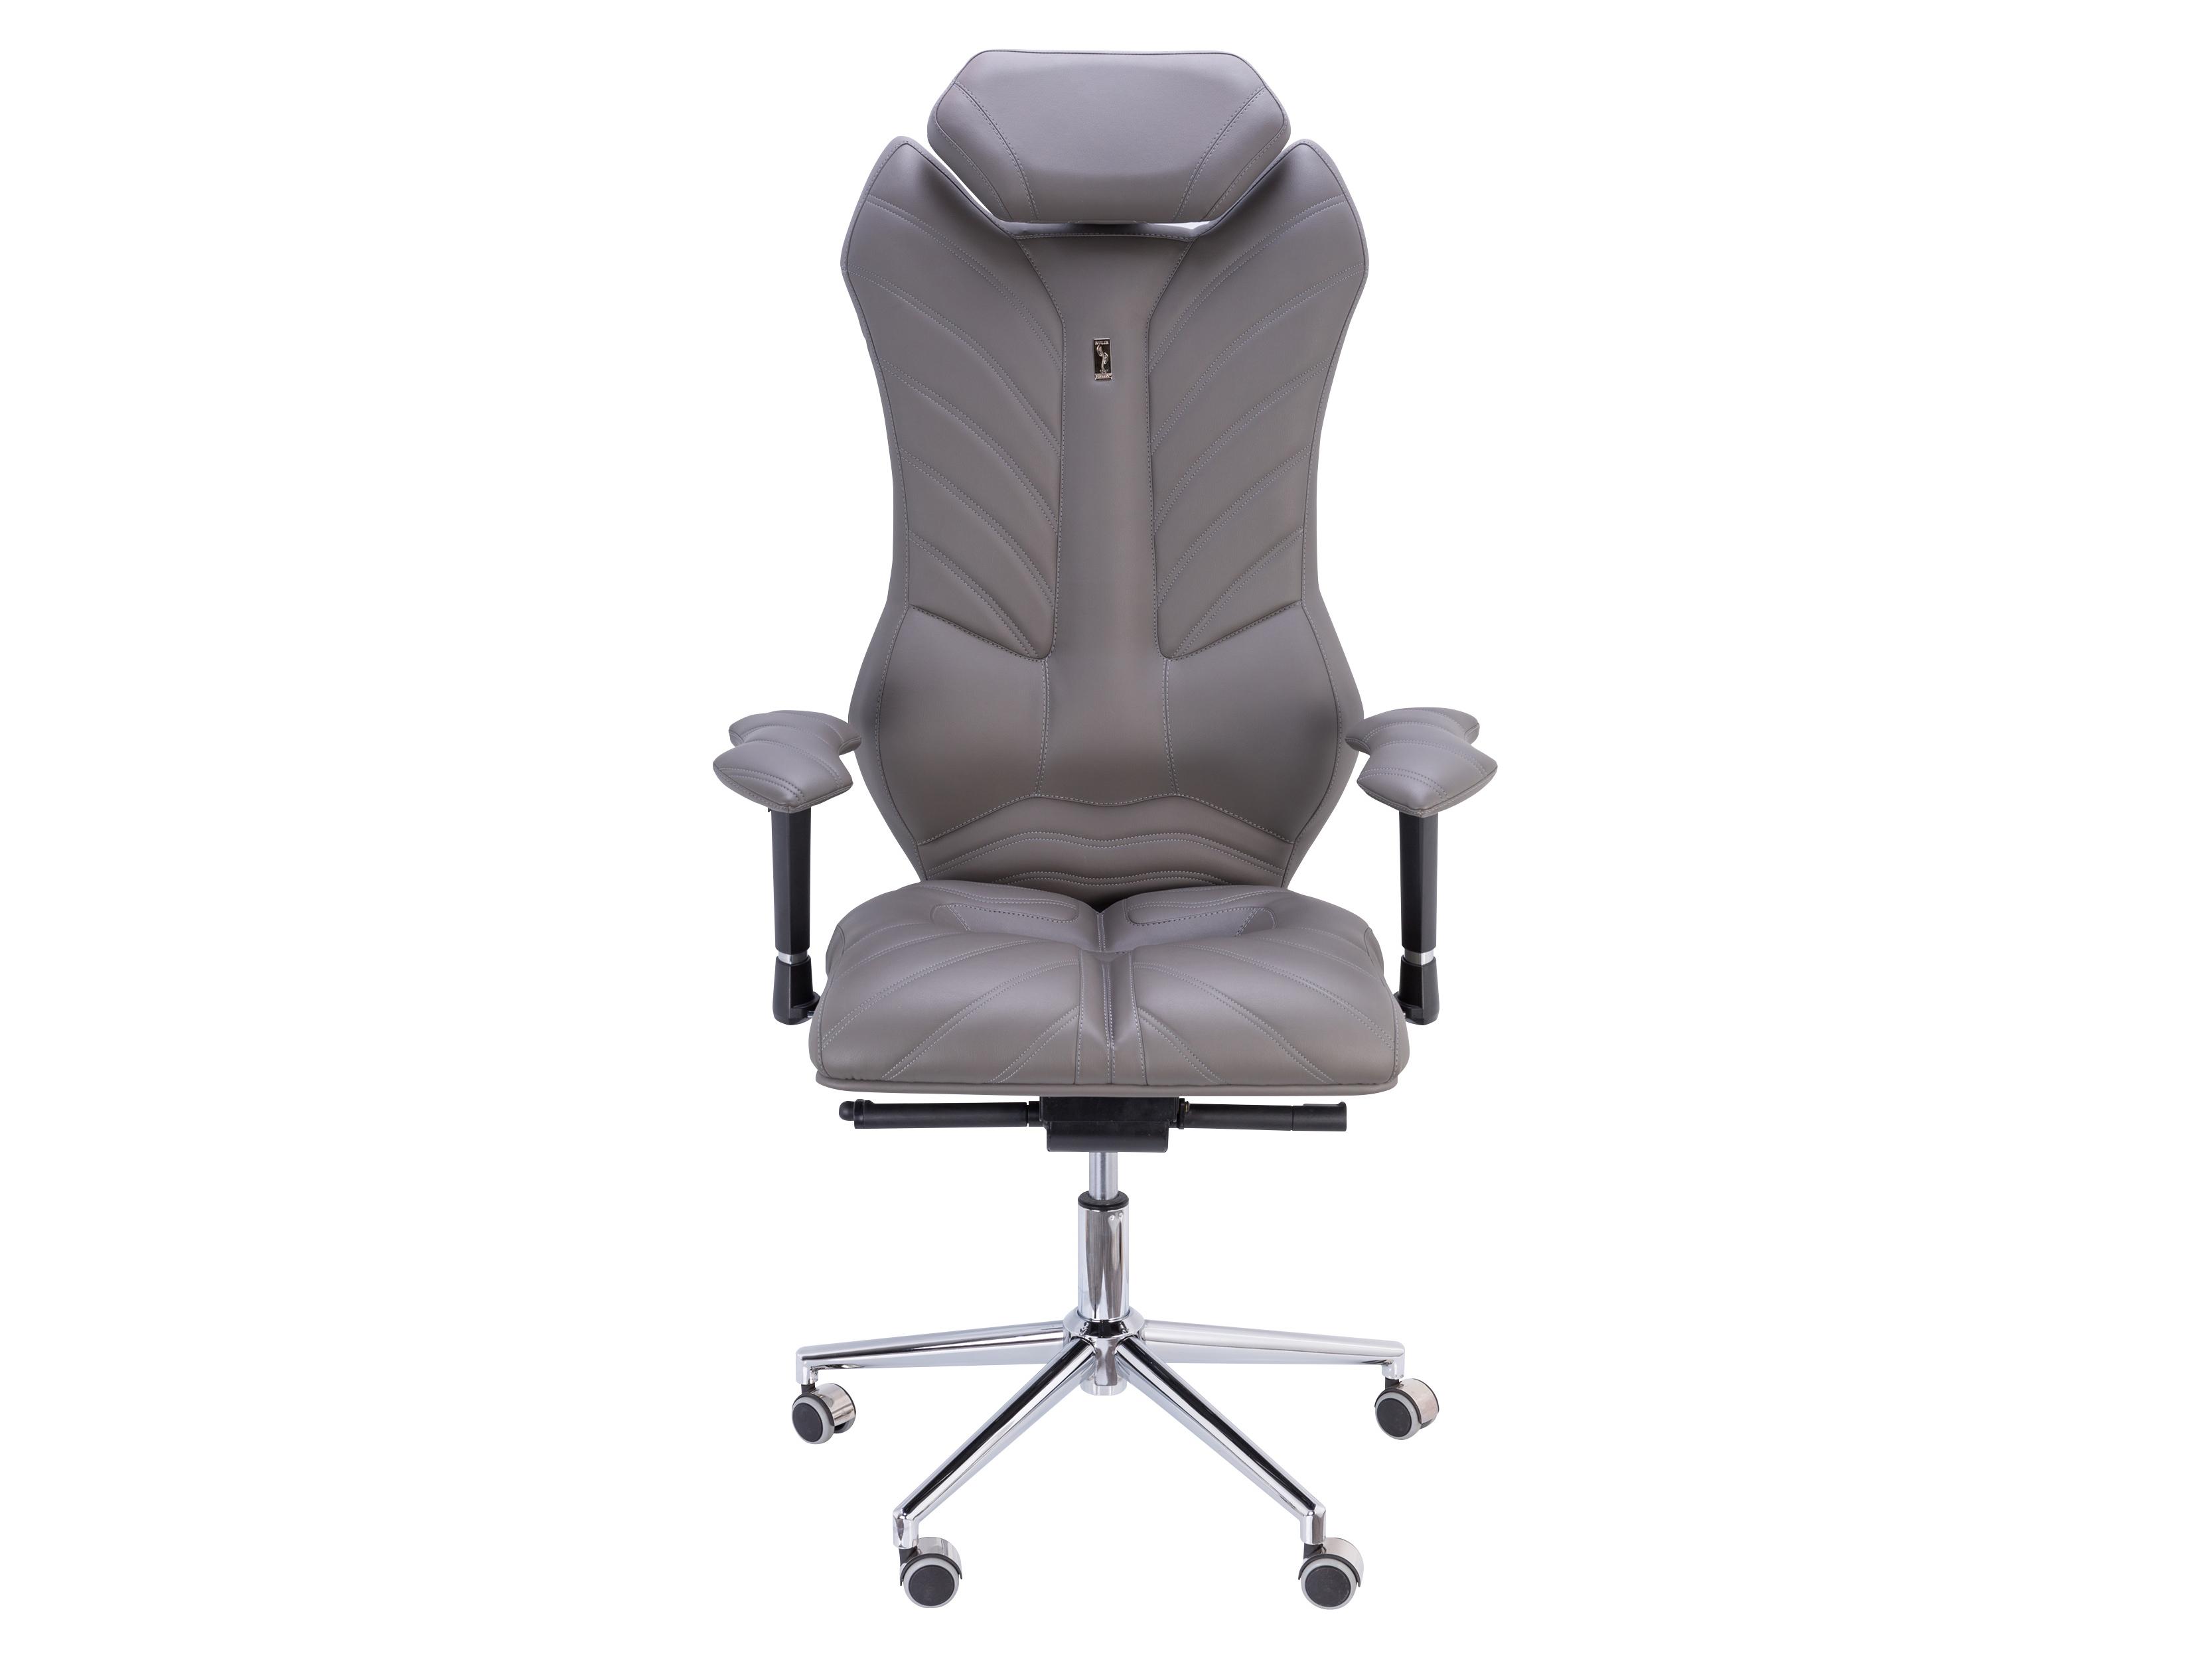 Кресло MONARCHРабочие кресла<br>Отличное решение для тех, кто ценит комфорт и любит свободное пространство. Имперское величие и викторианское изящество придают креслу вид аристократизма и благородства.<br><br>Material: Кожа<br>Ширина см: 76<br>Высота см: 147<br>Глубина см: 58